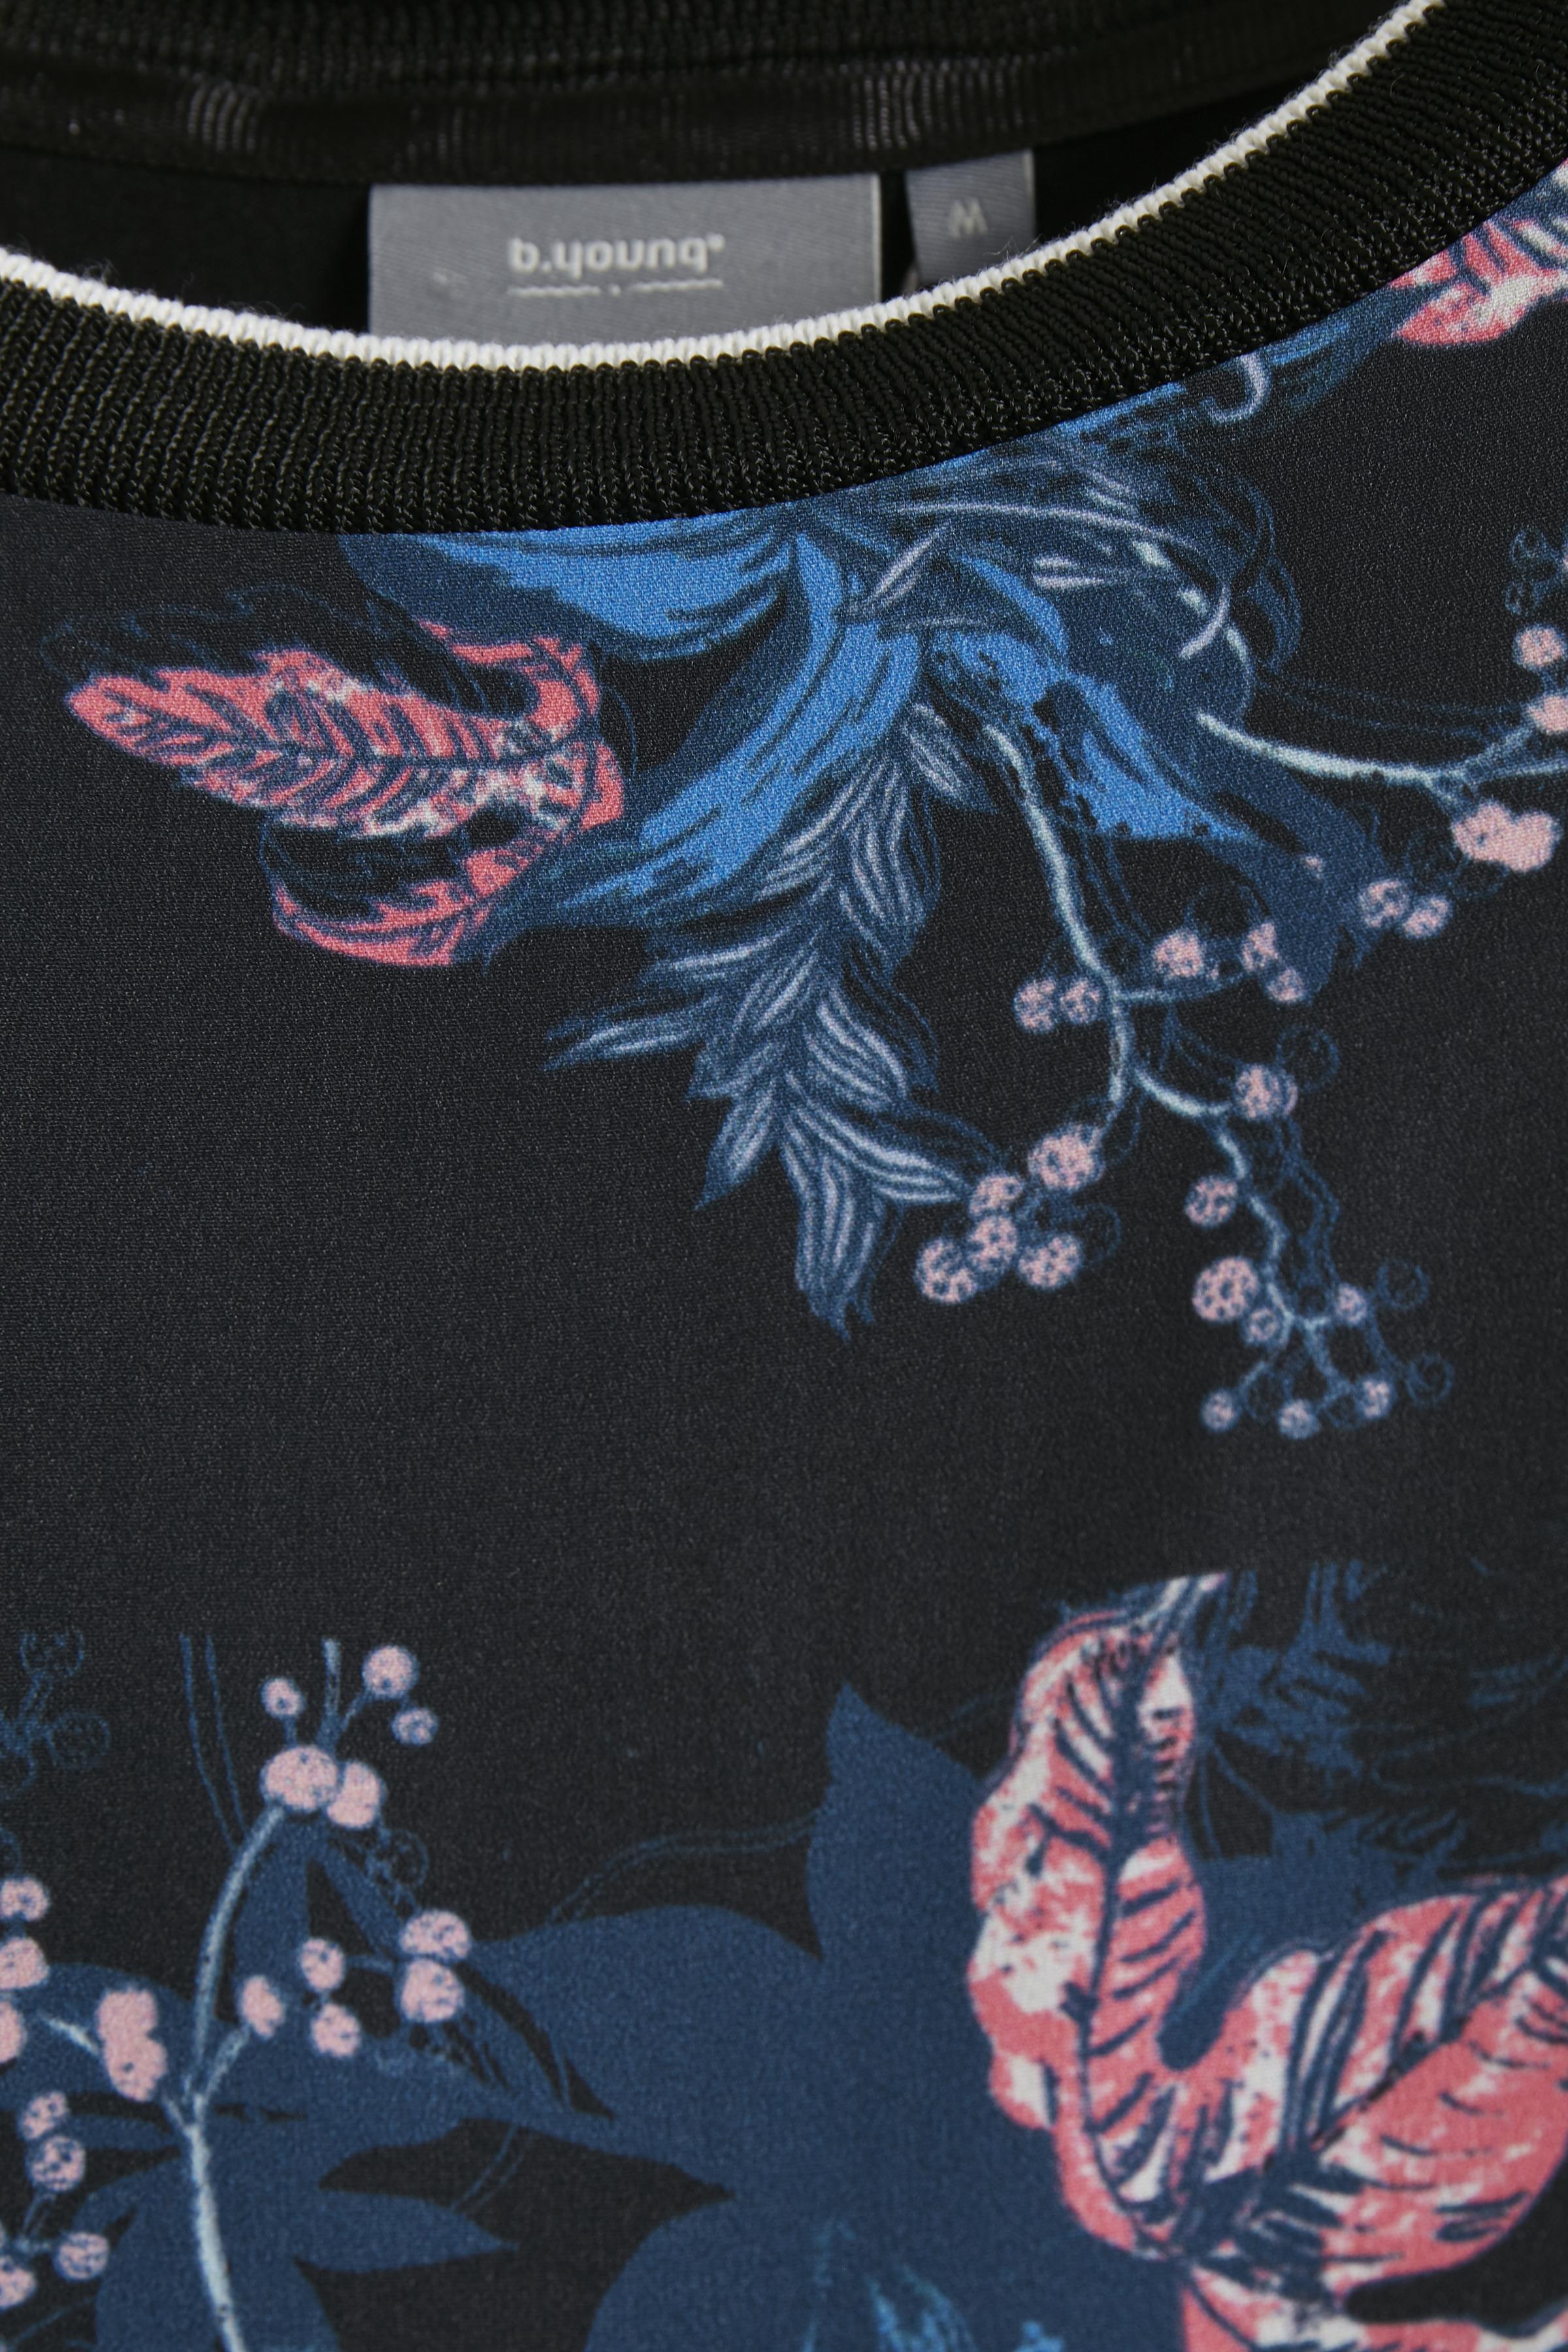 Zwart/blauw T-shirt korte mouw van b.young – Door Zwart/blauw T-shirt korte mouw van maat. XS-XXL hier